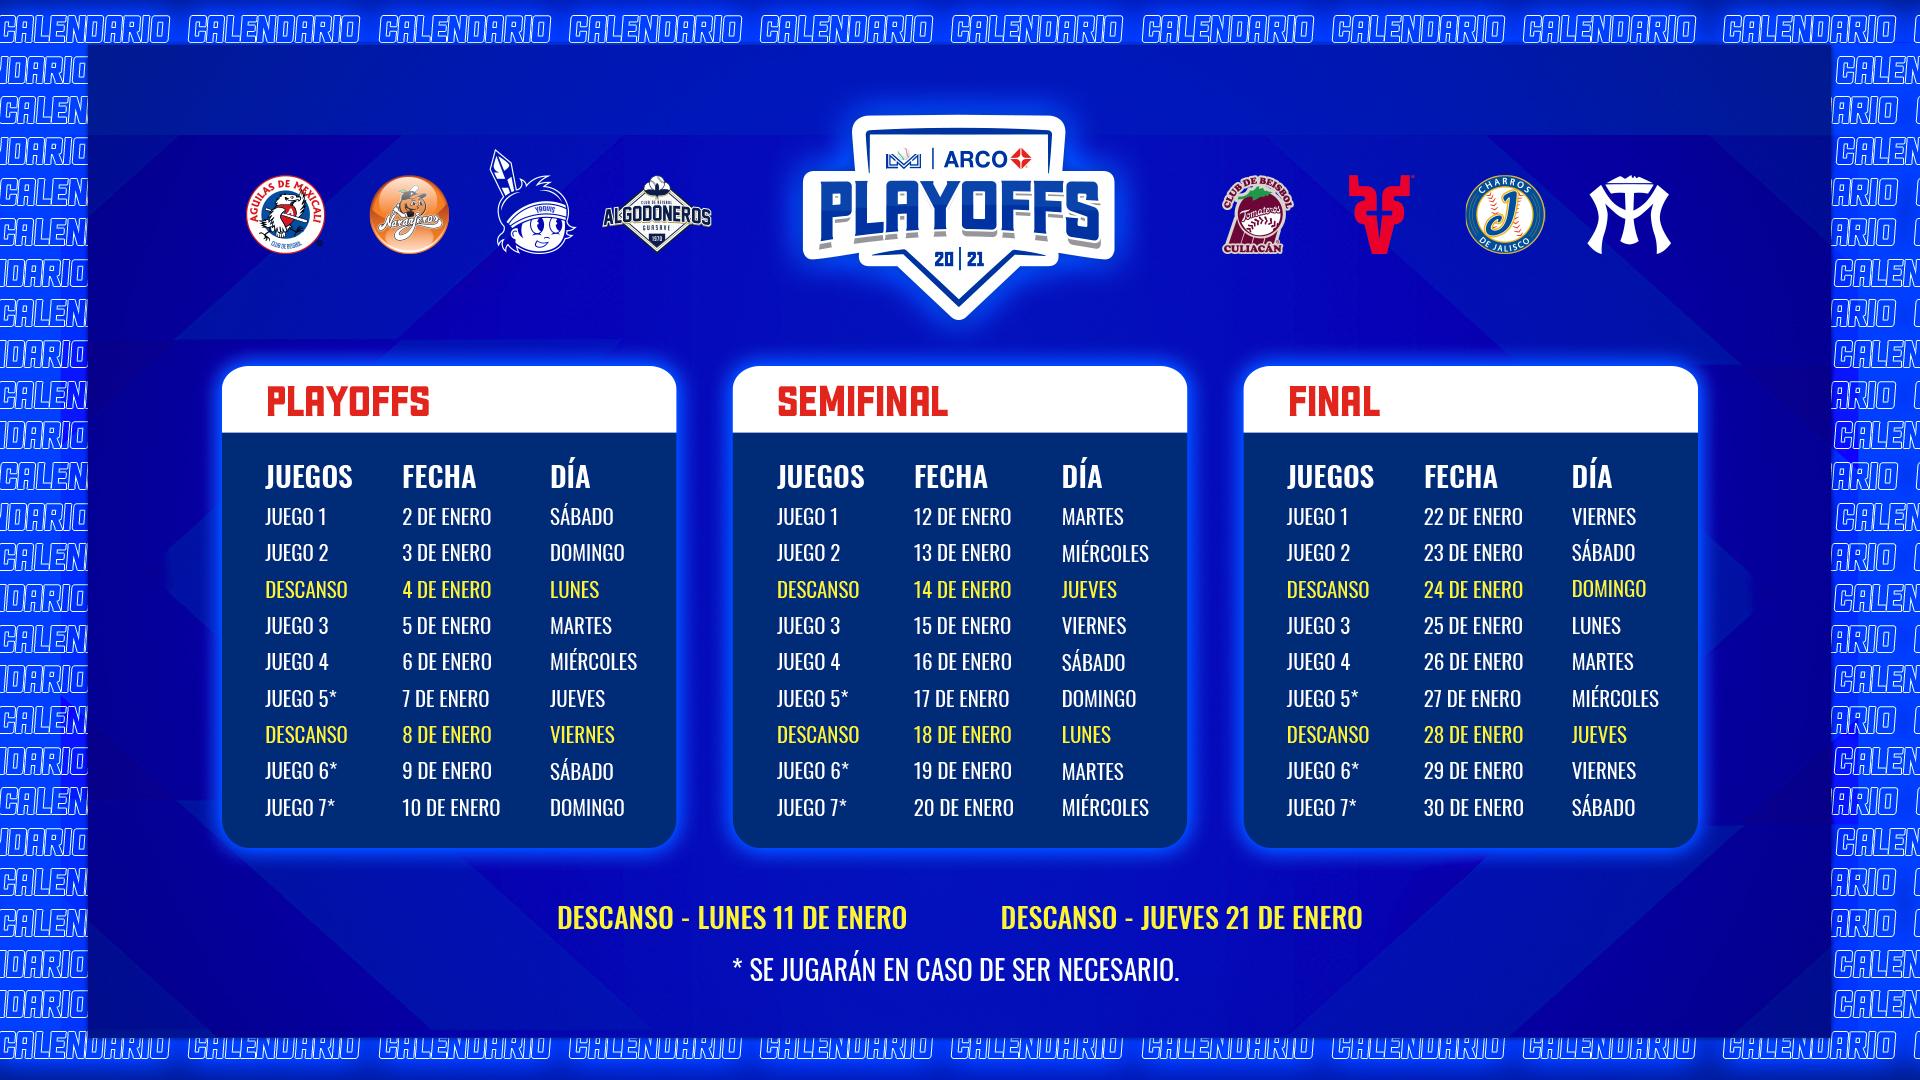 Calendario de playoffs LMP 2020-2021